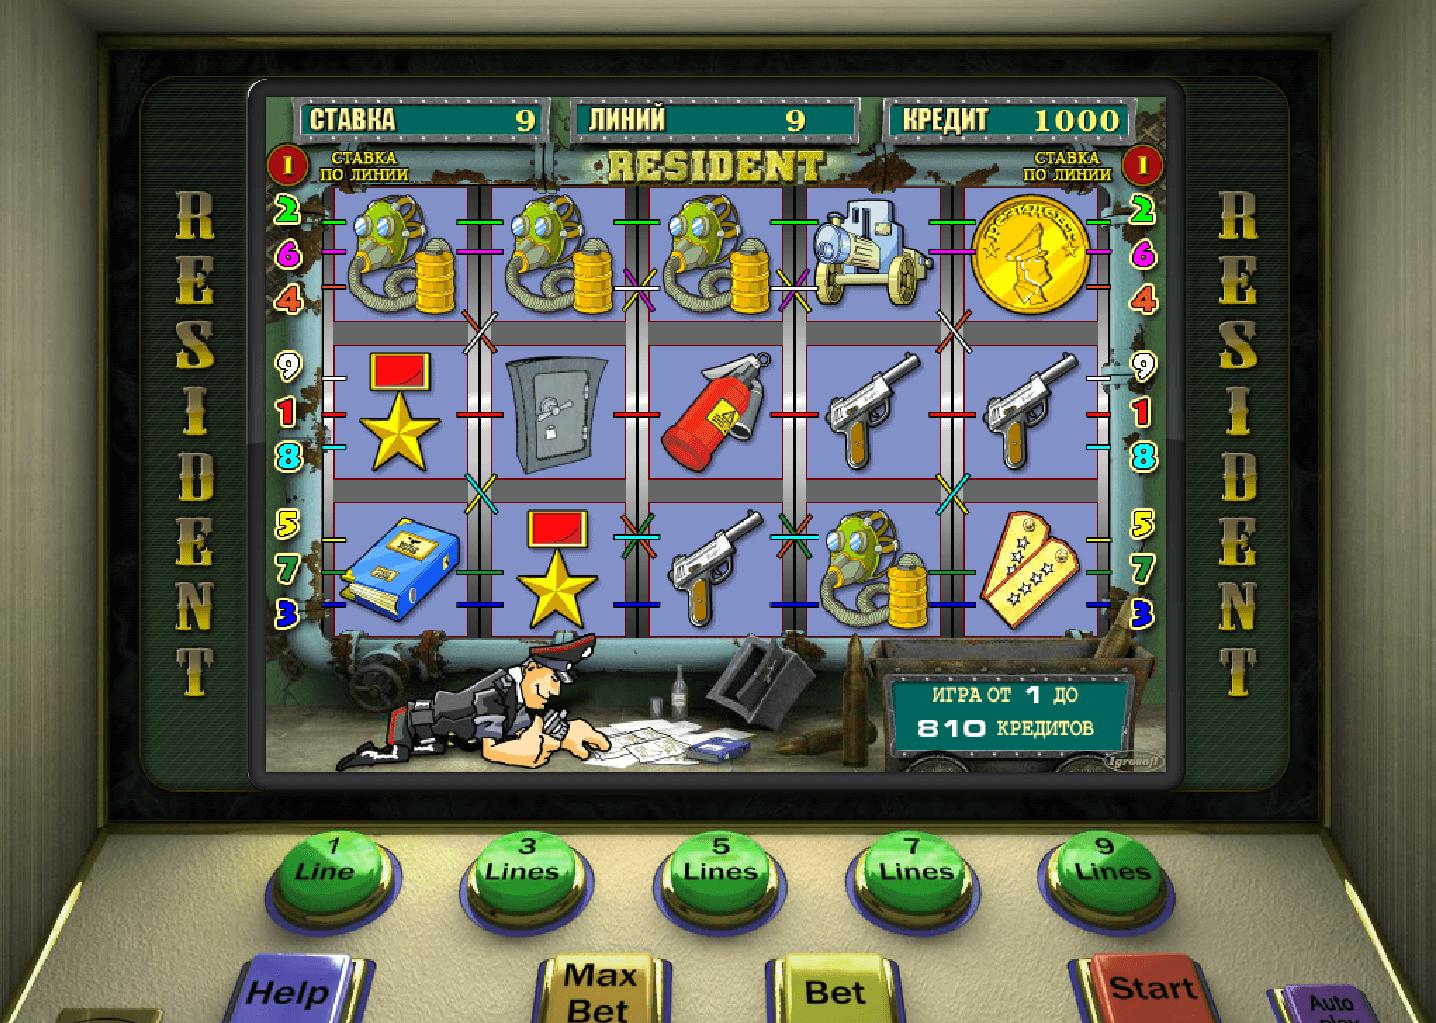 Покер игровой автомат онлайн играть бесплатно скачать демо версию игровых автоматов